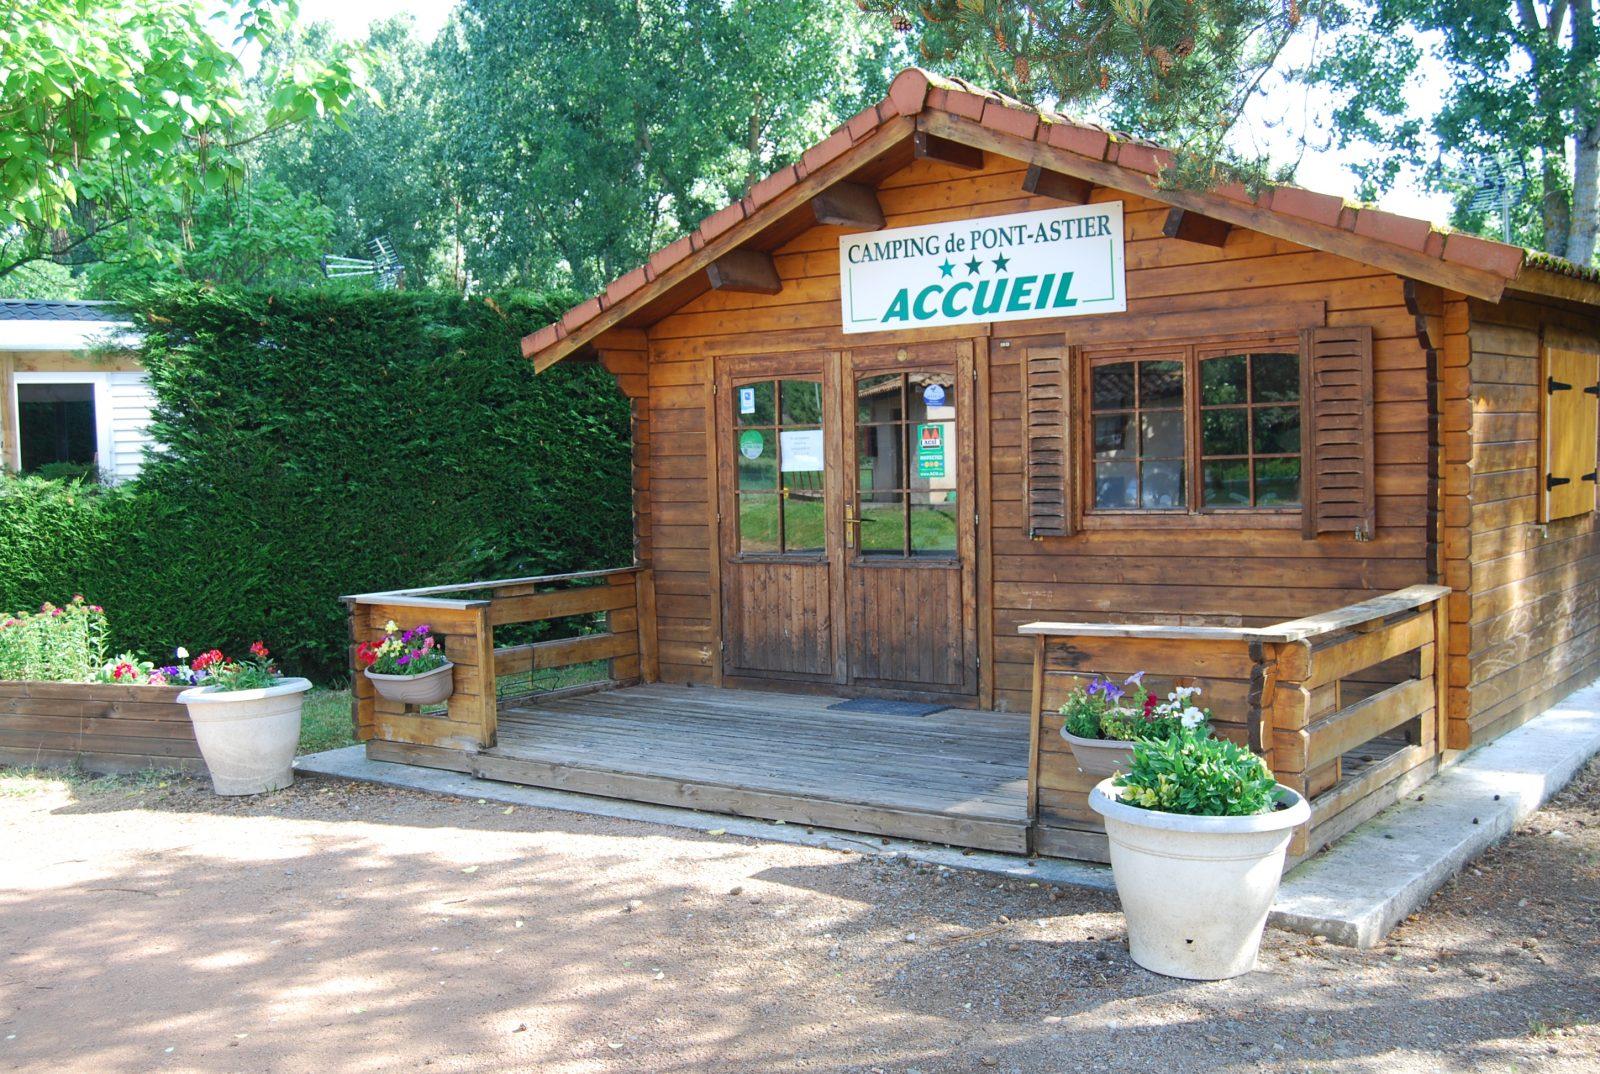 Camping de Pont-Astier